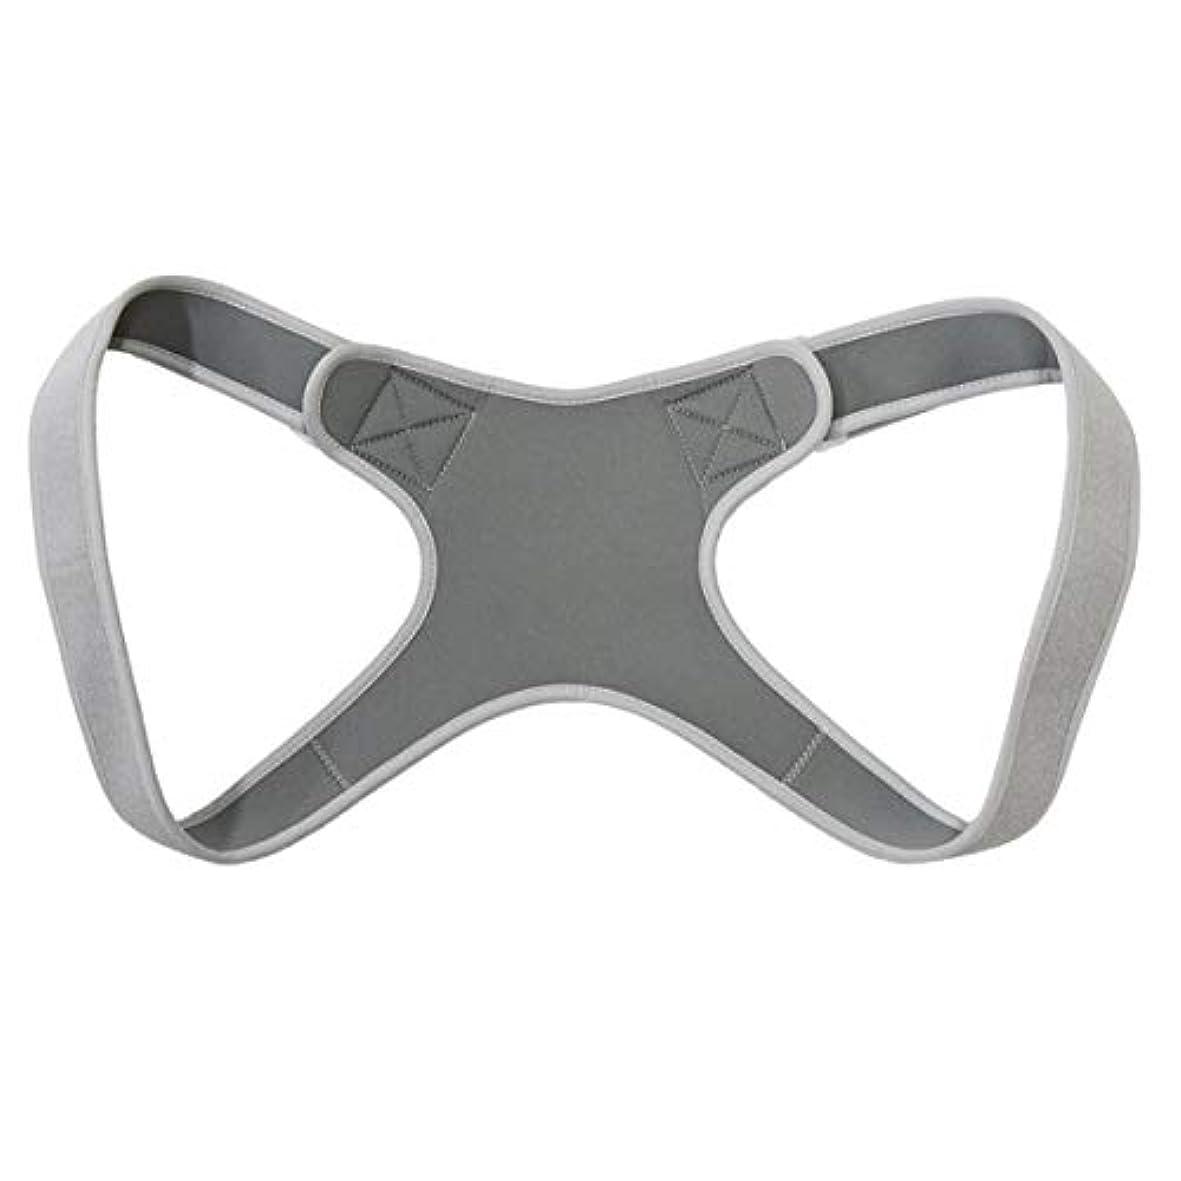 シール経済支払う新しいアッパーバックポスチャーコレクター姿勢鎖骨サポートコレクターバックストレートショルダーブレースストラップコレクター - グレー